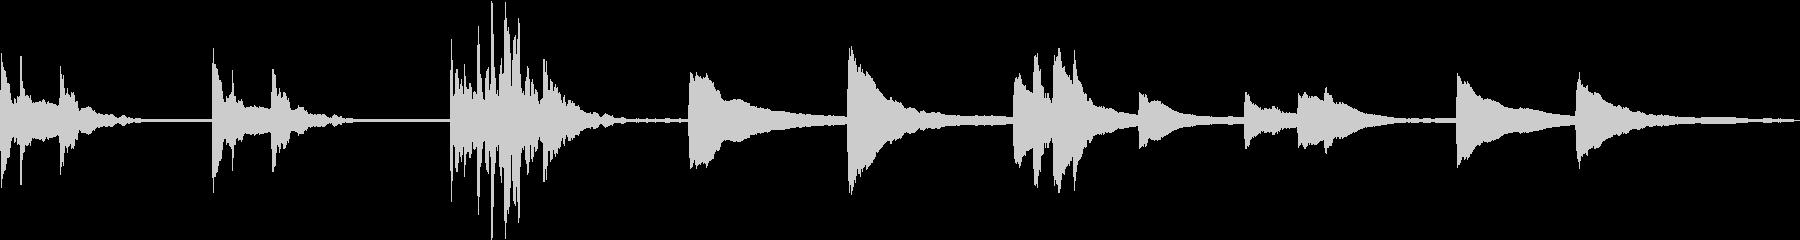 神秘・幻想的/ピアノソロループの未再生の波形